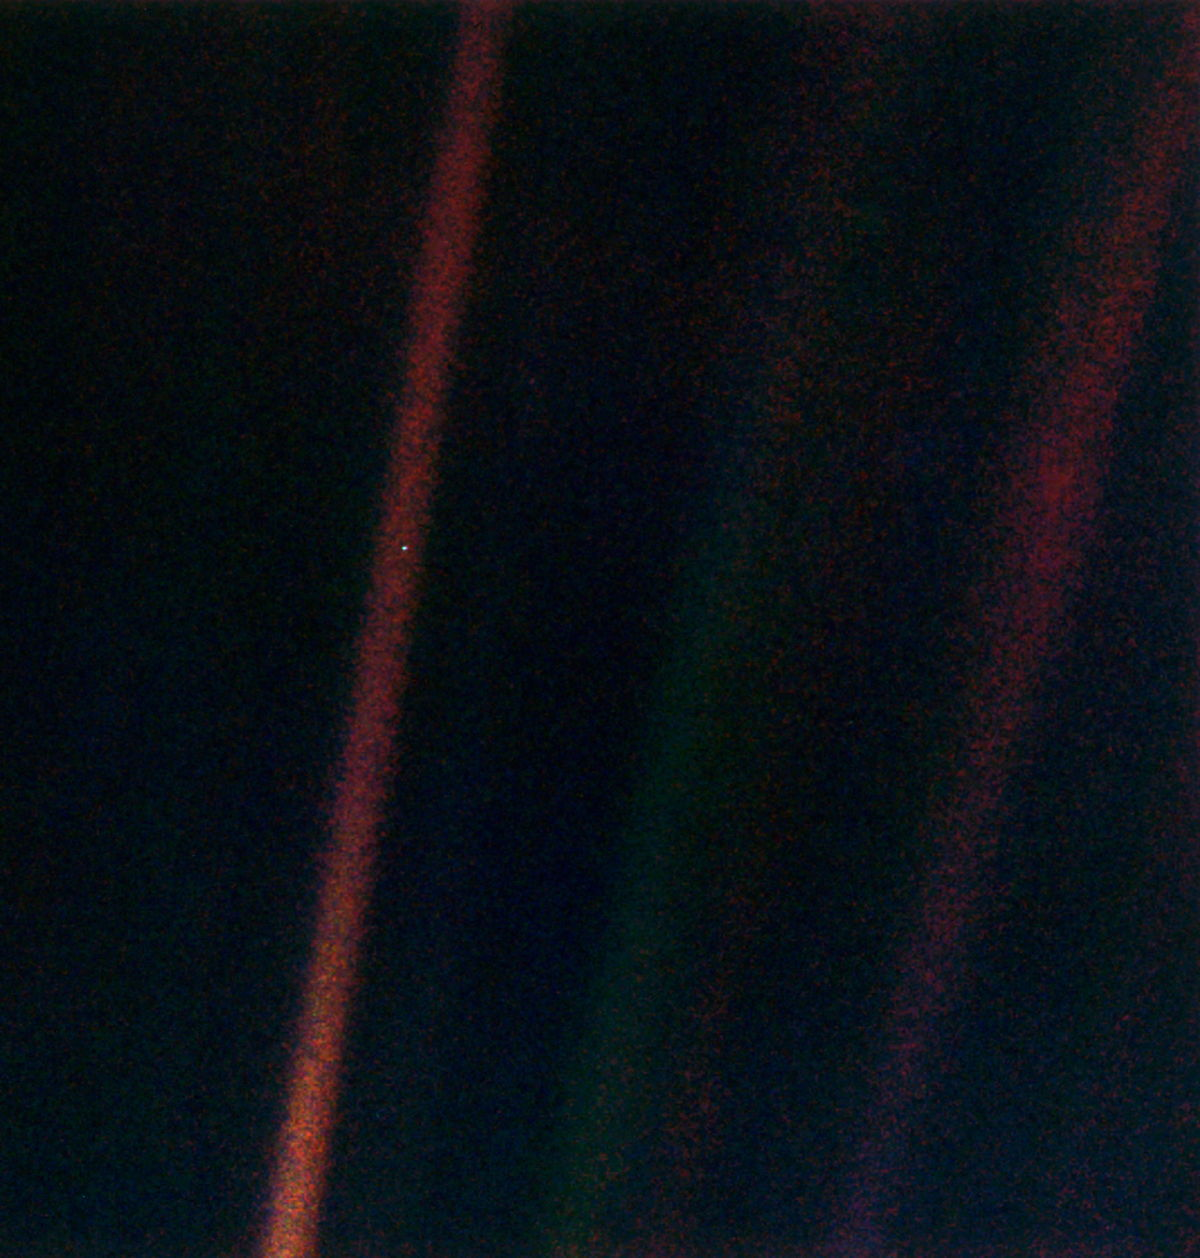 nasa solar system portrait - photo #19